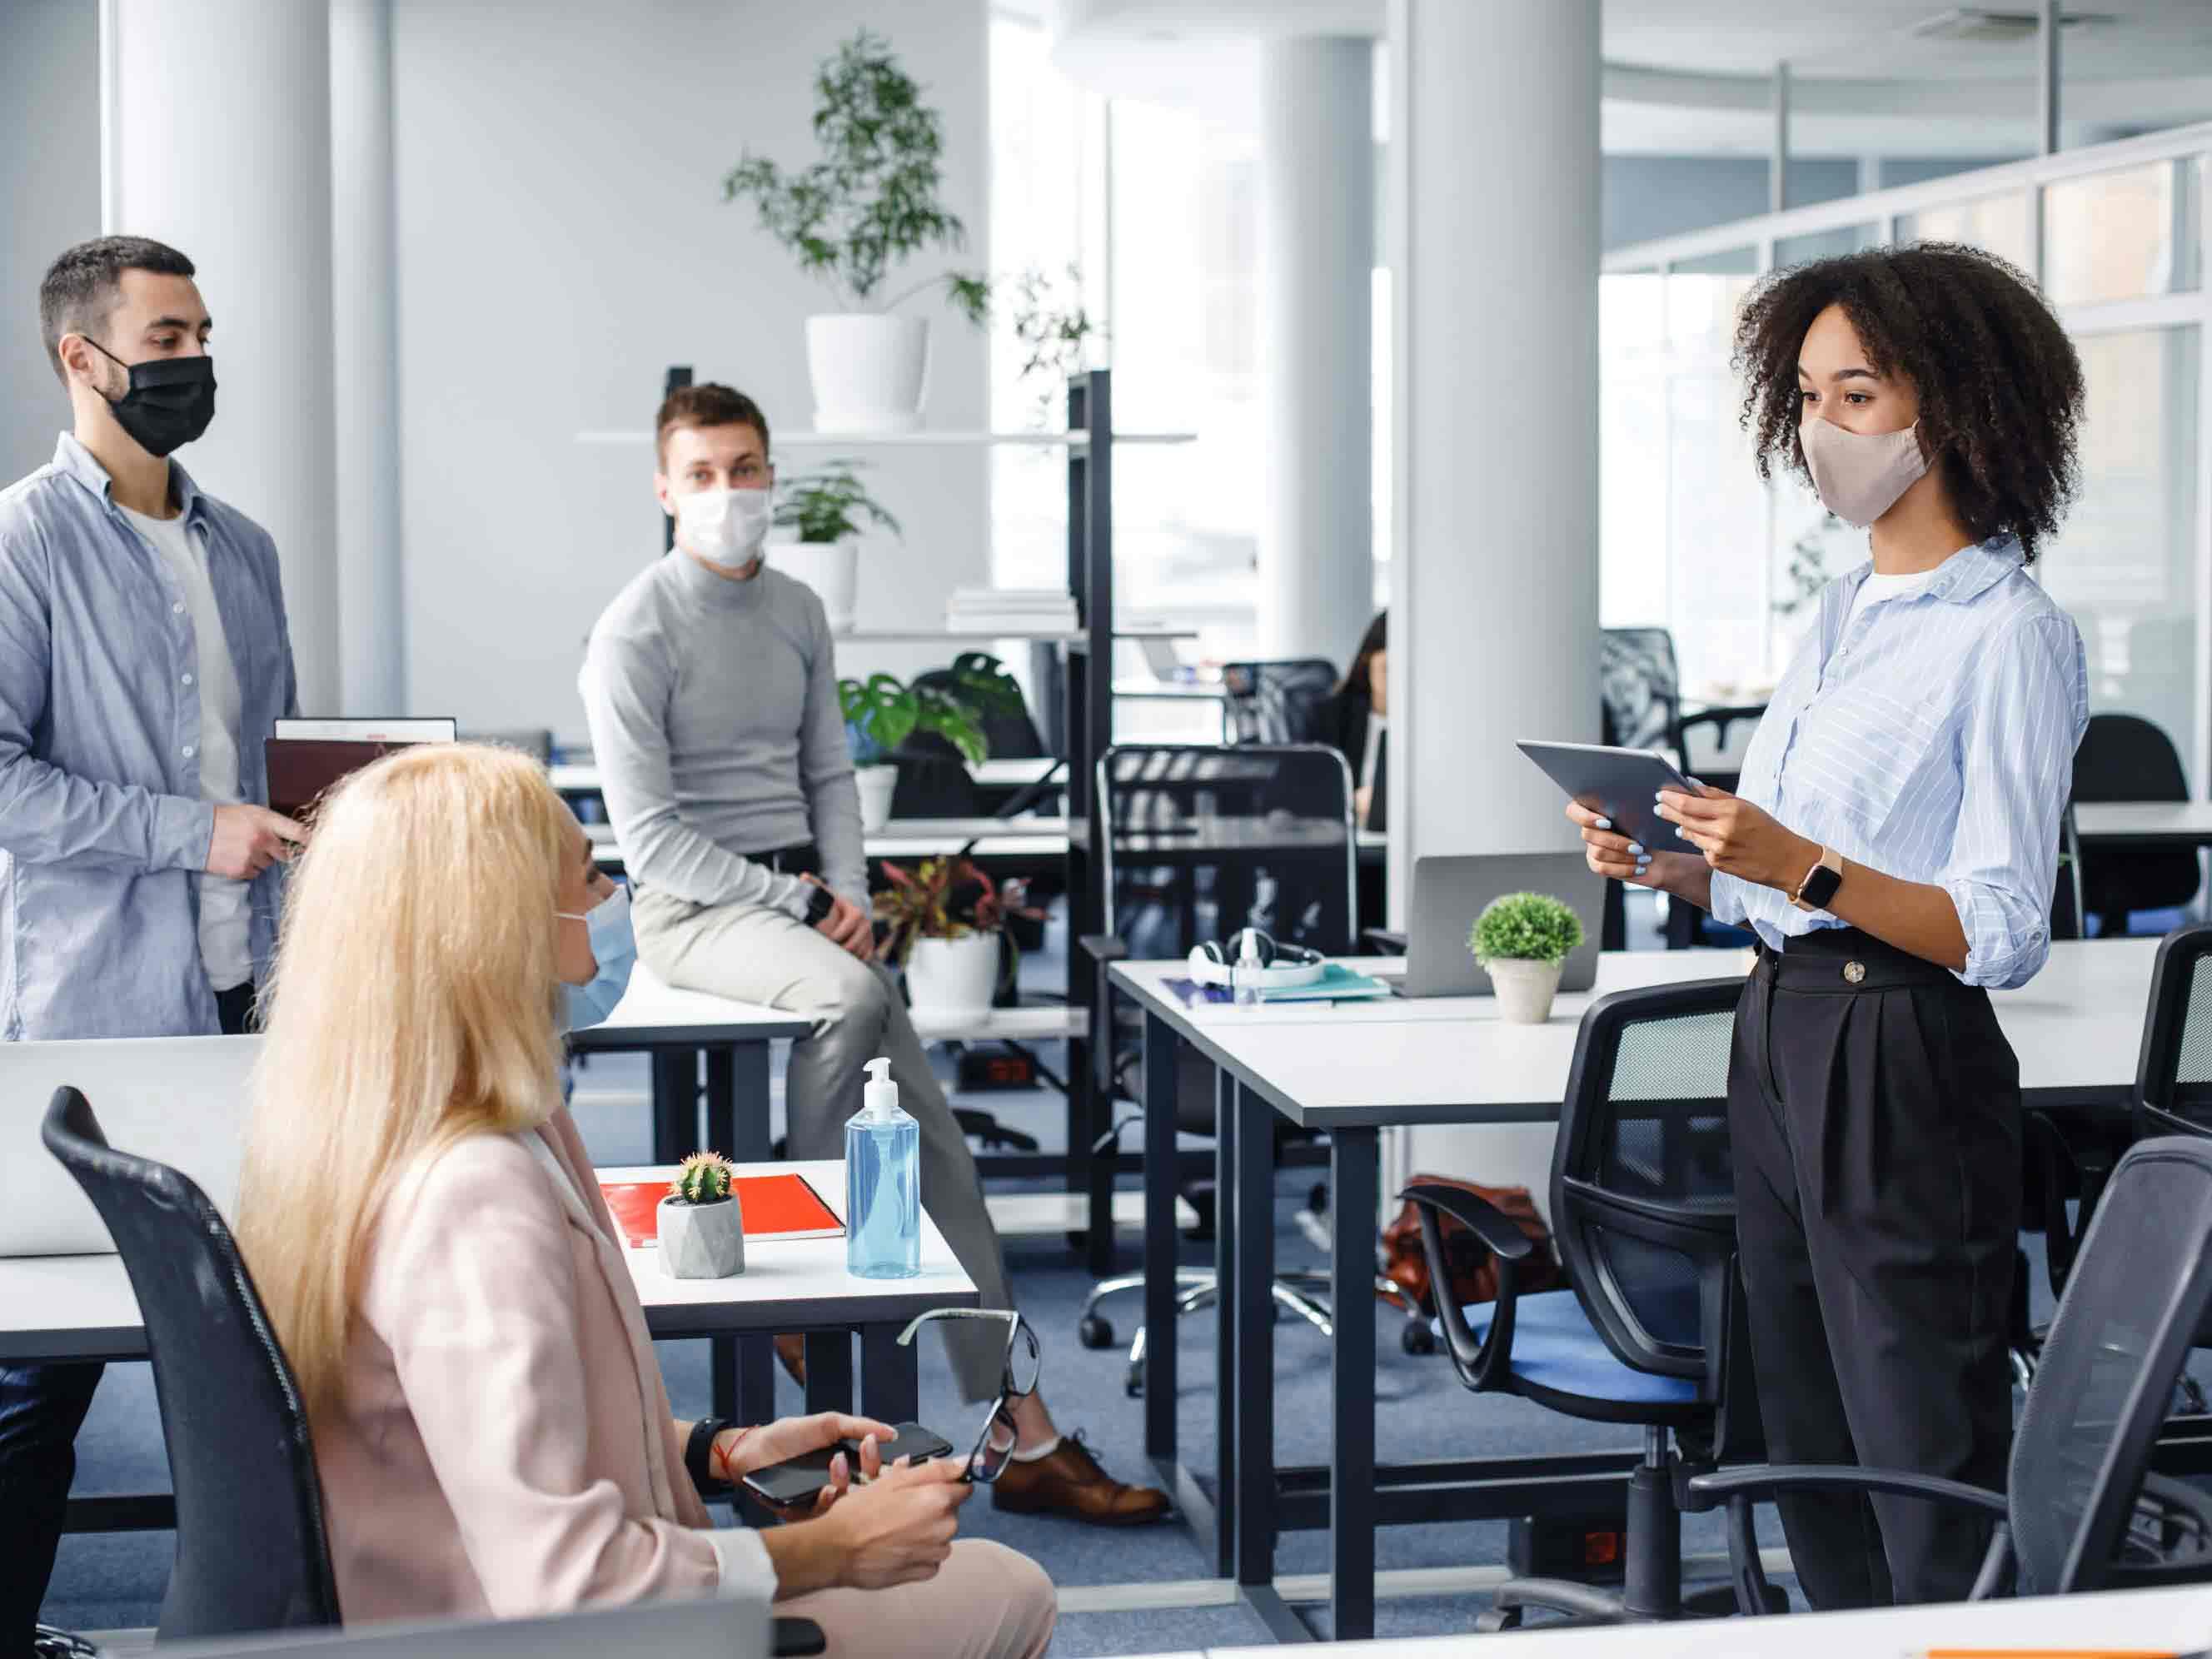 Vertreter aus den Bereichen Finanzen, Risiko und Betrieb treffen sich im Büro, um ihre Arbeit zu besprechen